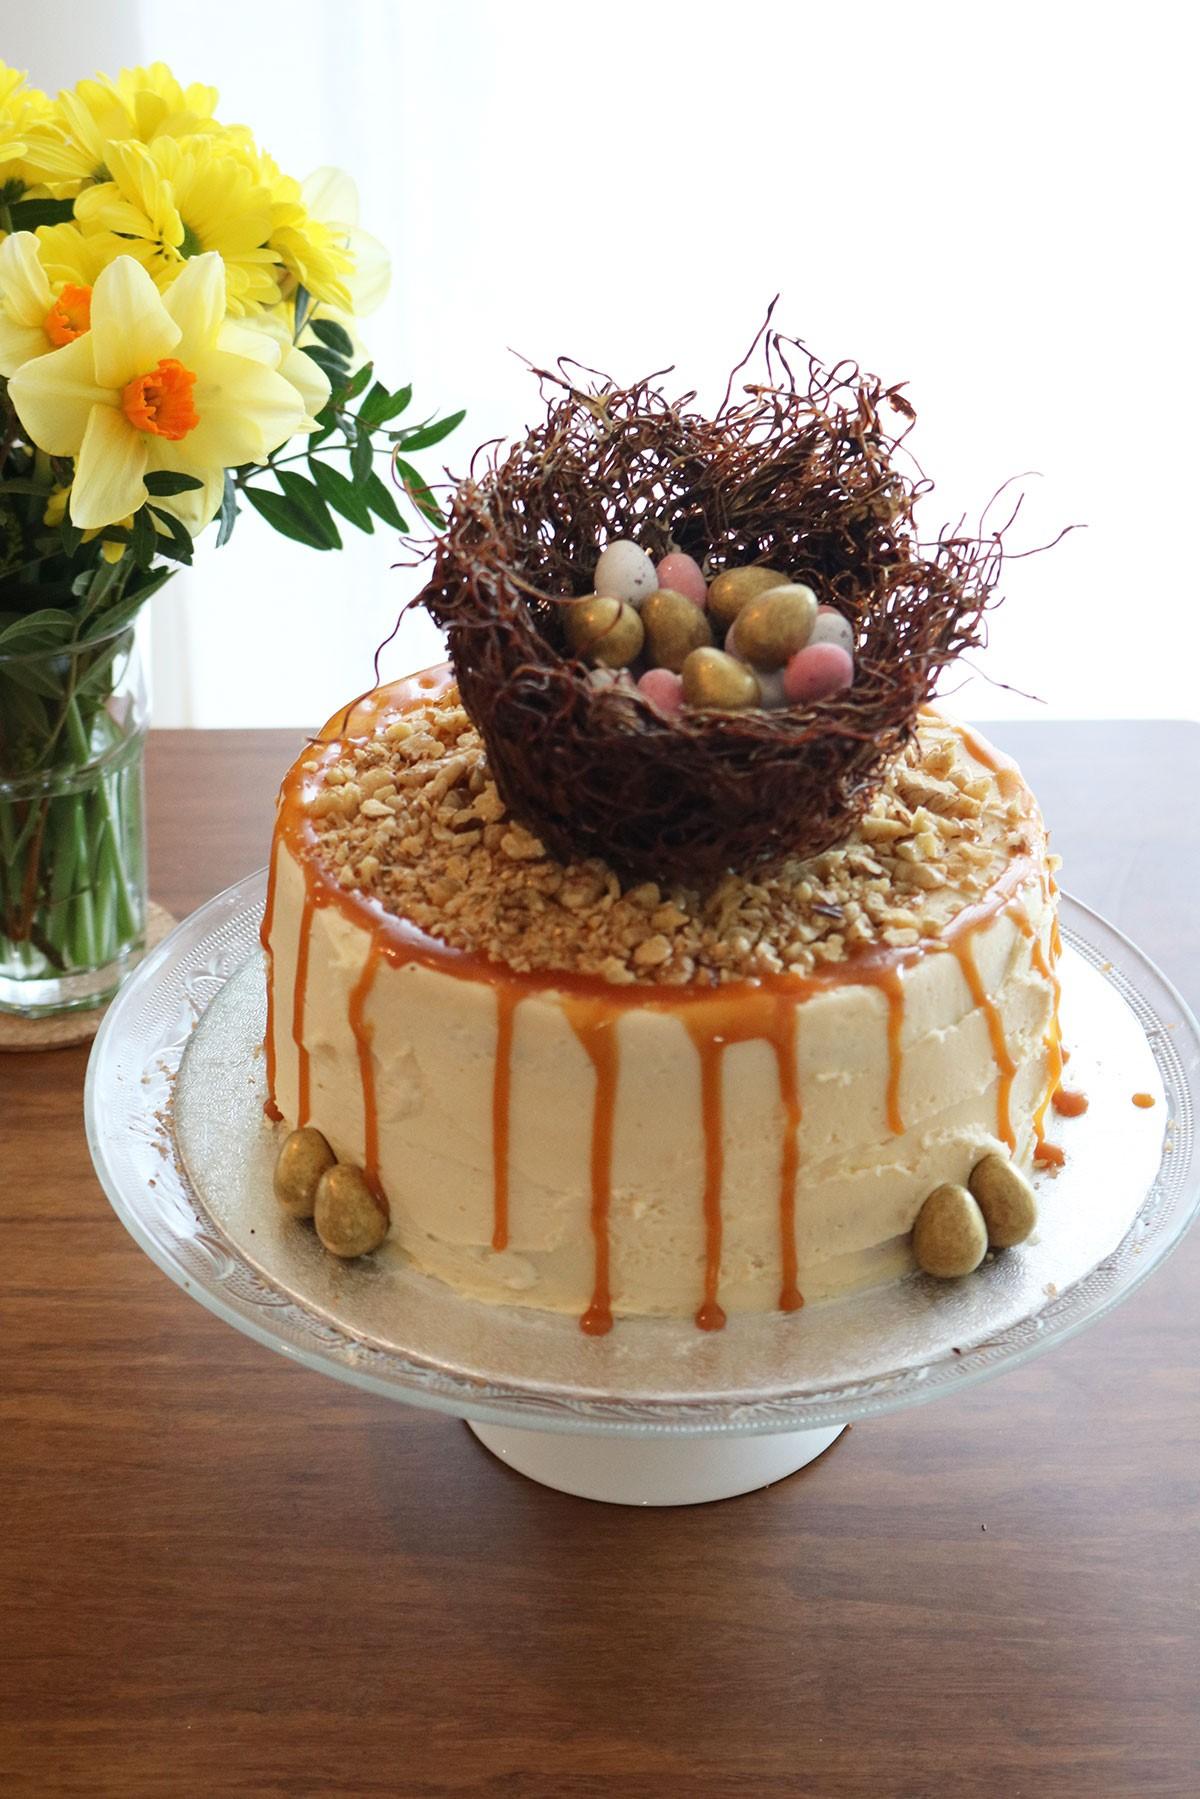 Décoration de gâteau superbe.